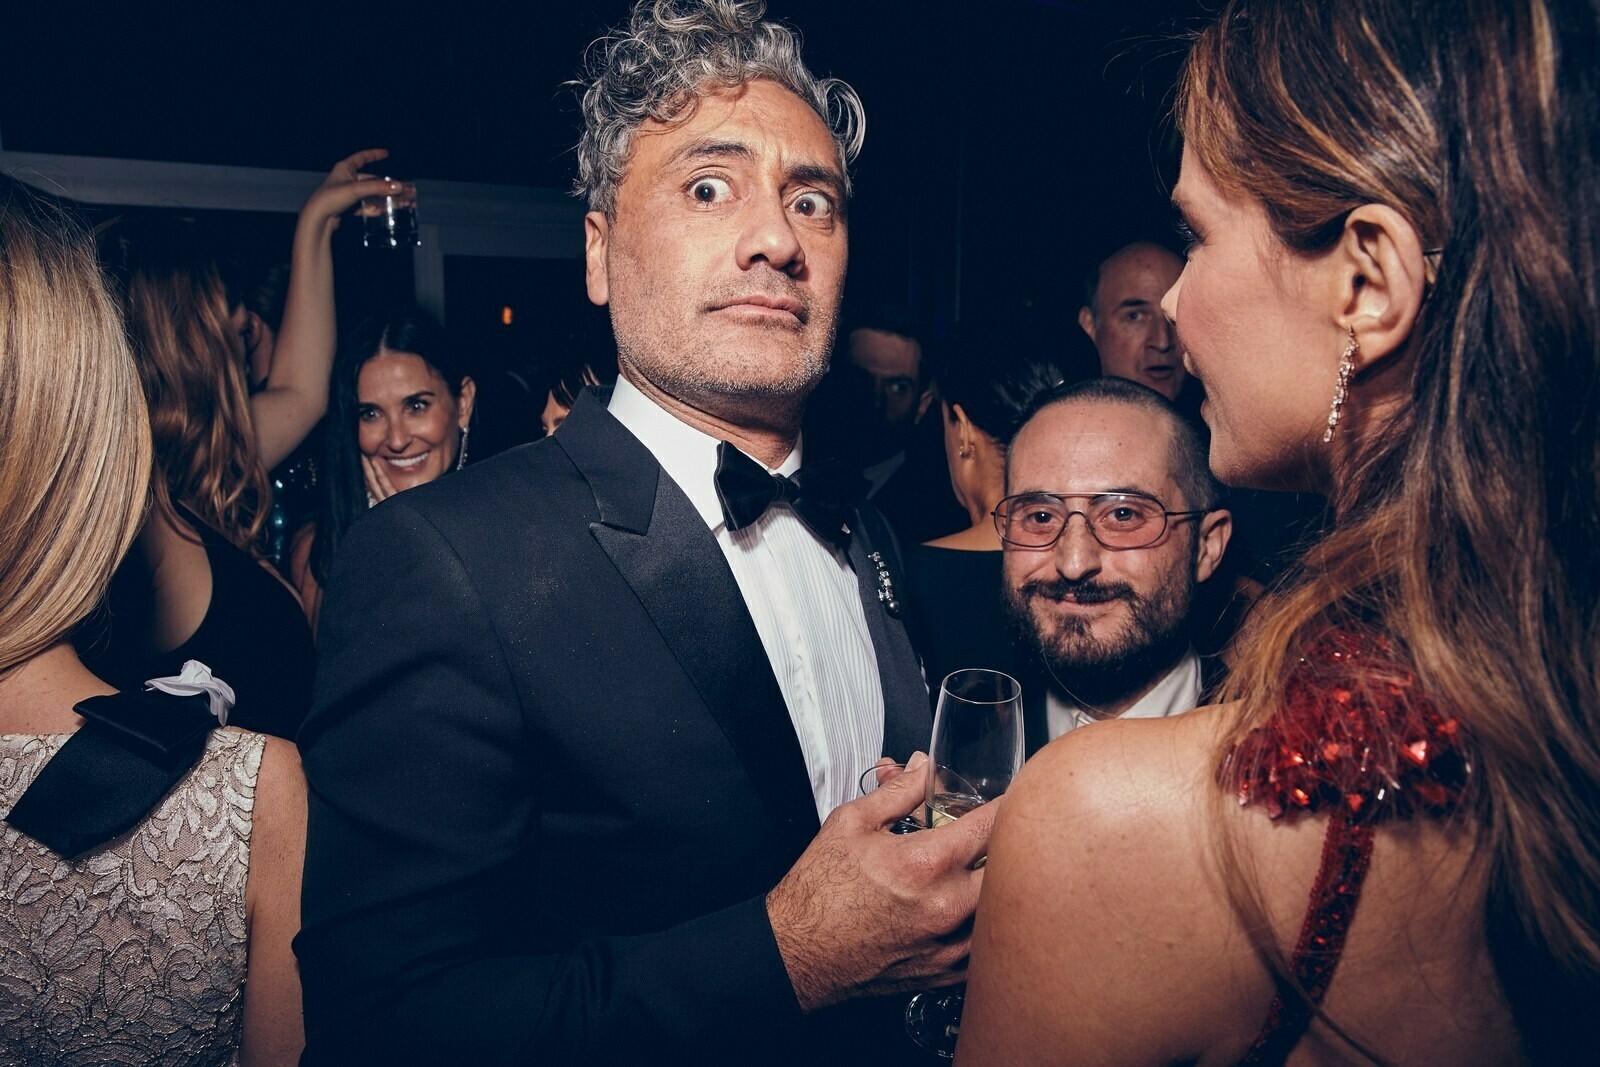 гондольеры фото с вечеринок звезд вас ждут